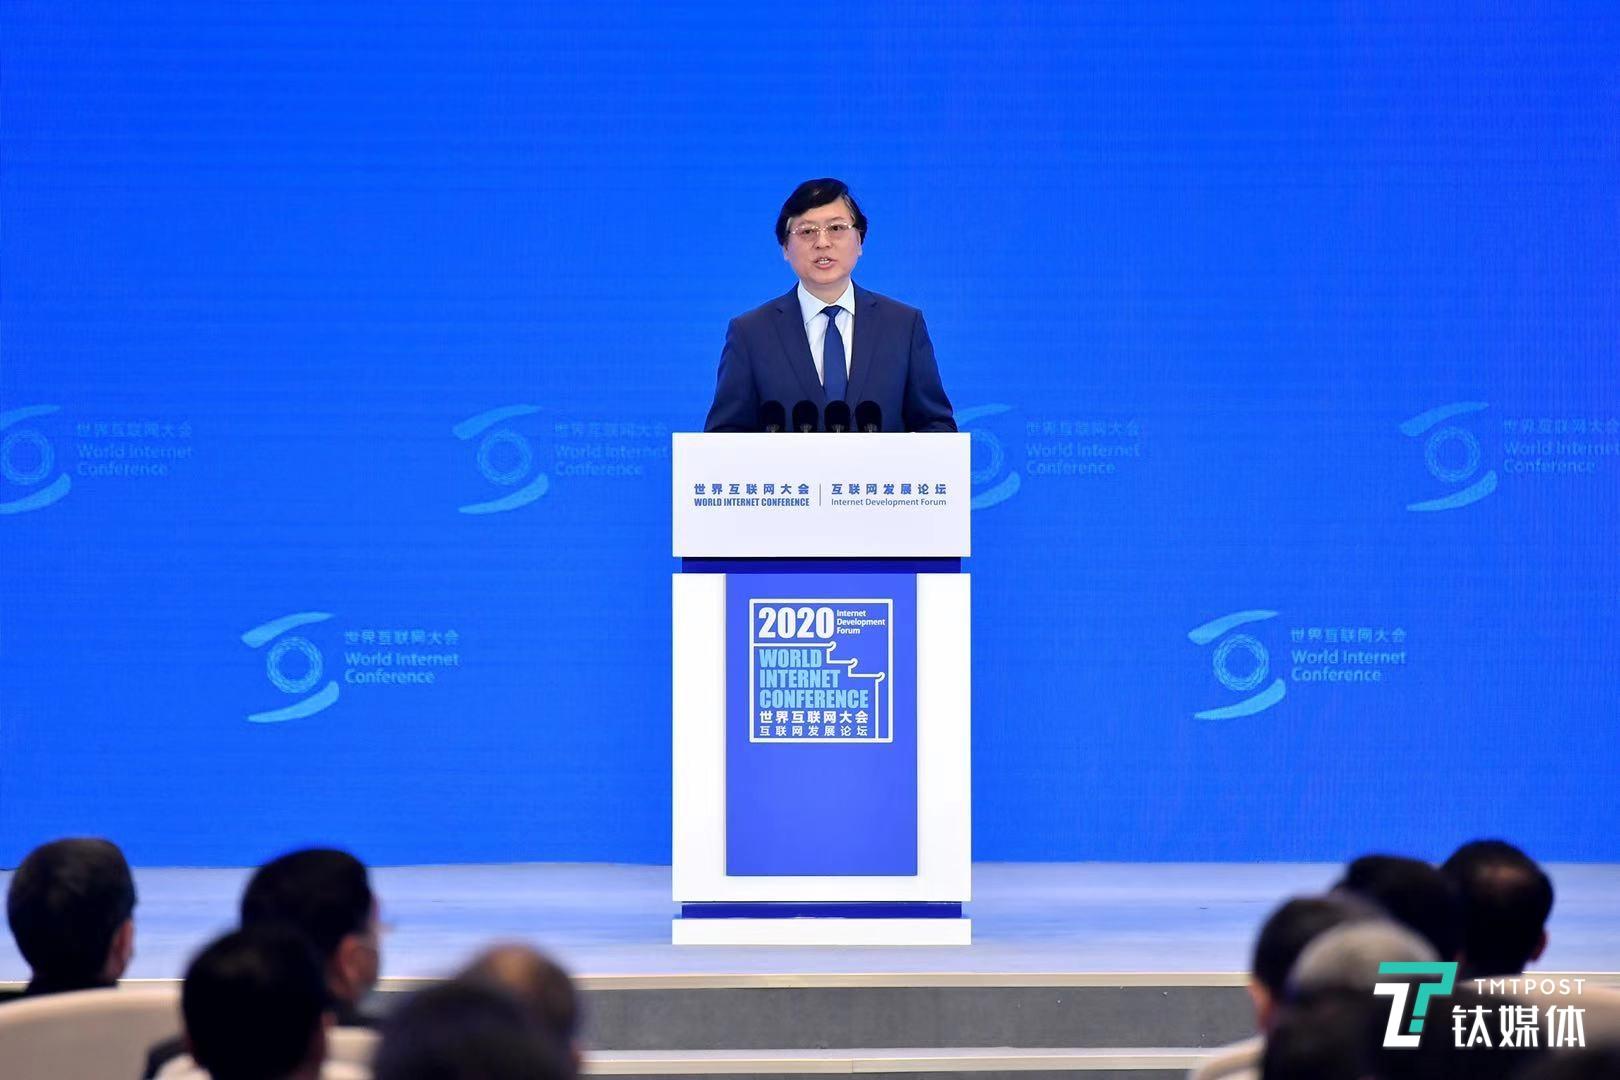 联想杨元庆:人类社会正在推进第四次工业革命,即智能化变革|钛媒体直击乌镇